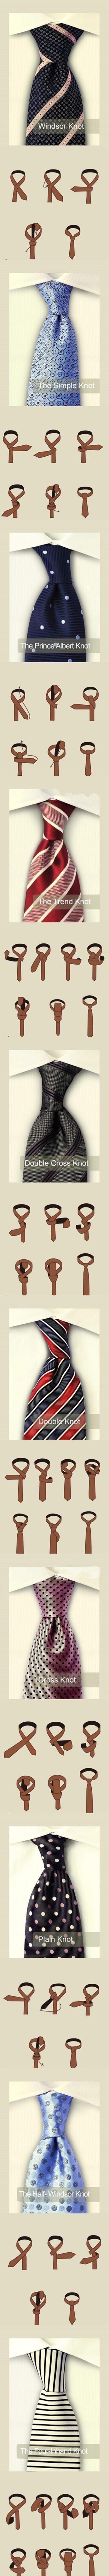 diy ties diy diy ideas diy clothes easy diy diy fashion diy tie mens diy